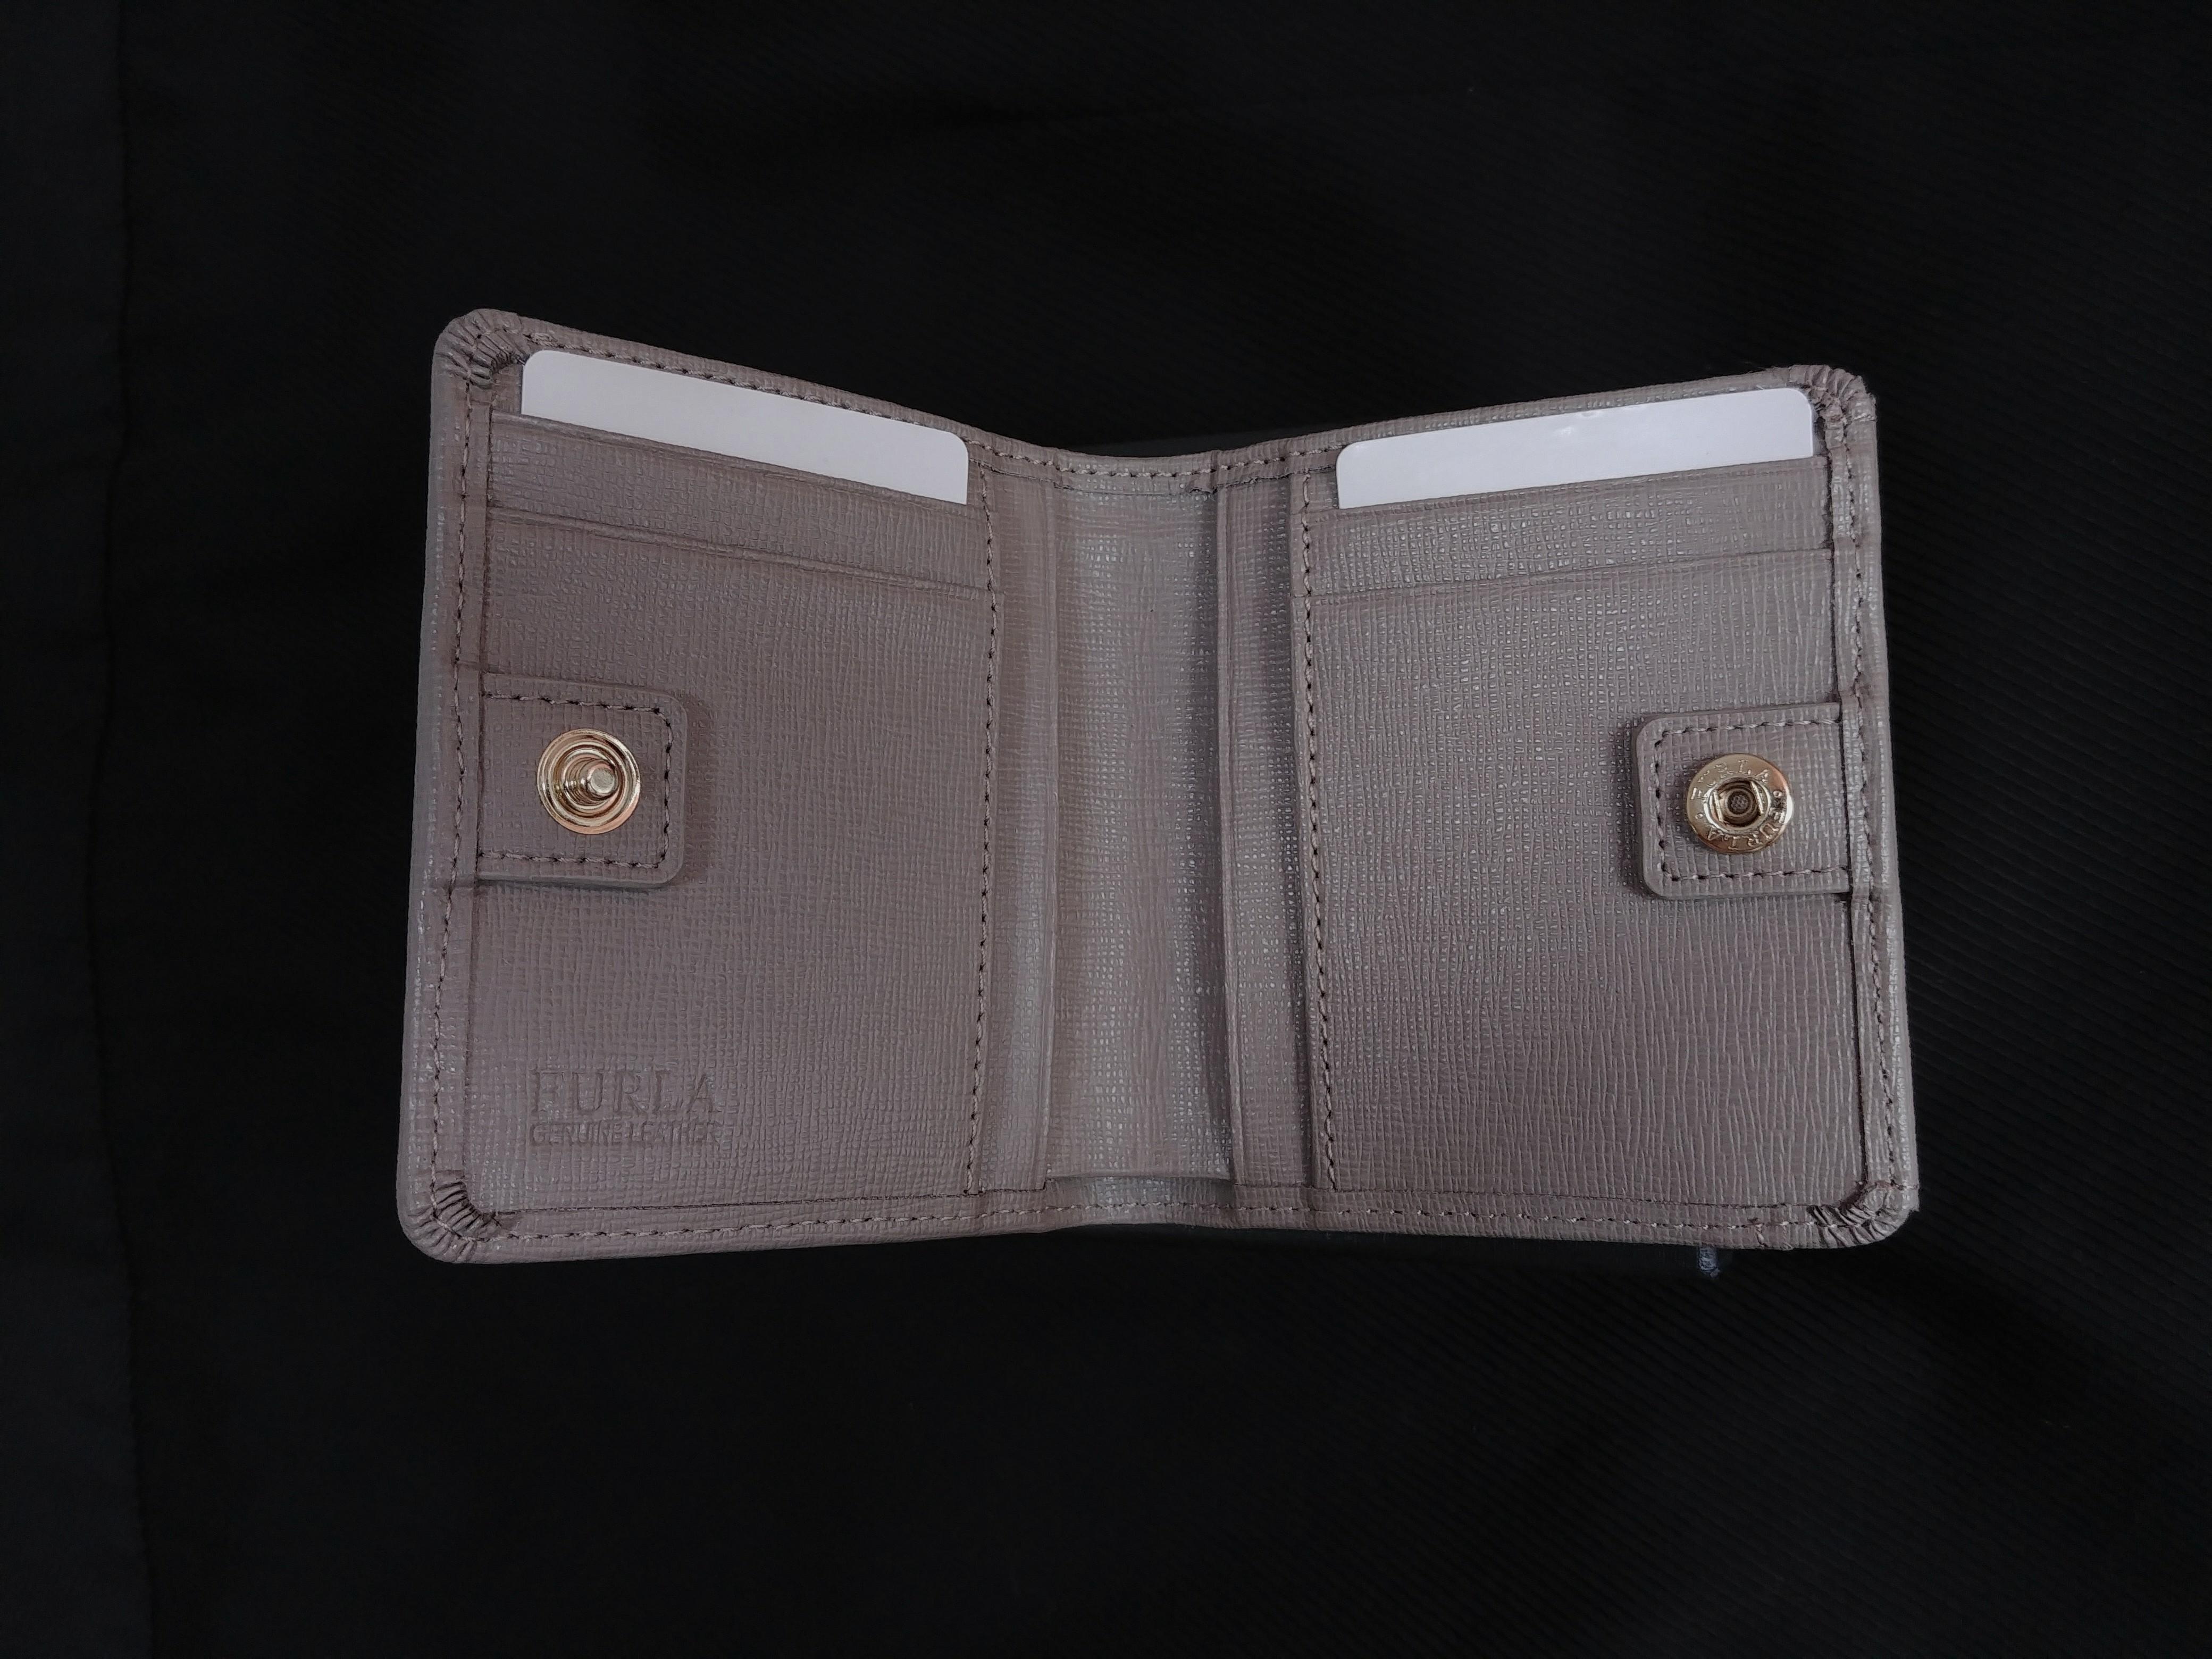 Furla 雙摺 短銀包 灰色 Bi-Fold Wallet